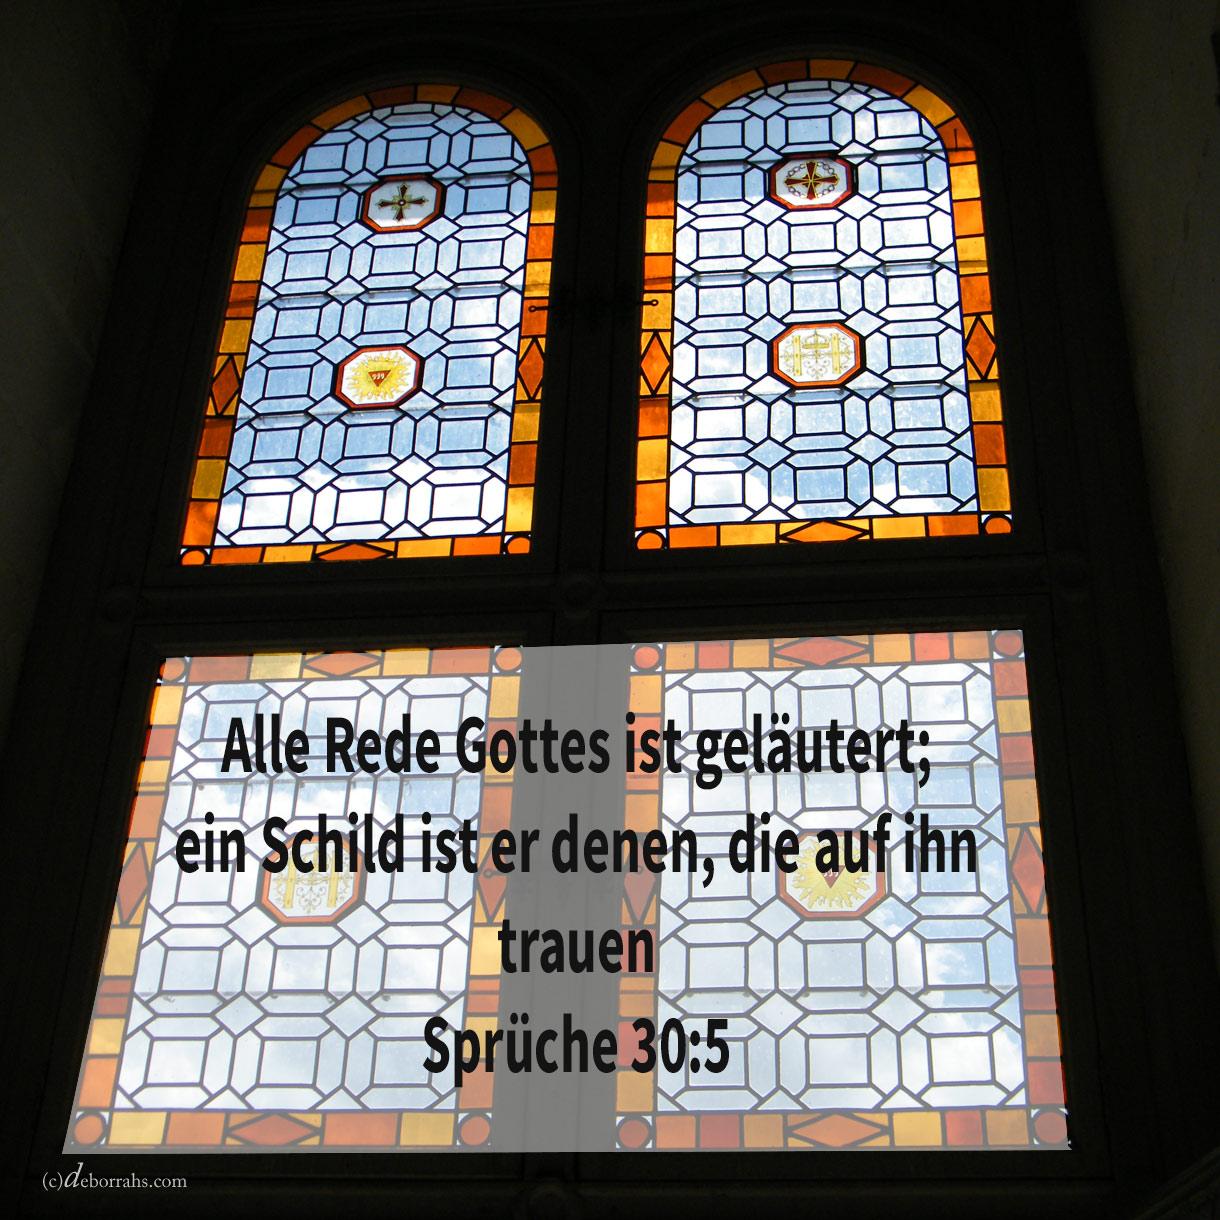 Alle Rede Gottes ist geläutert; ein Schild ist er denen, die auf ihn trauen ( Sprüche 30:5 )